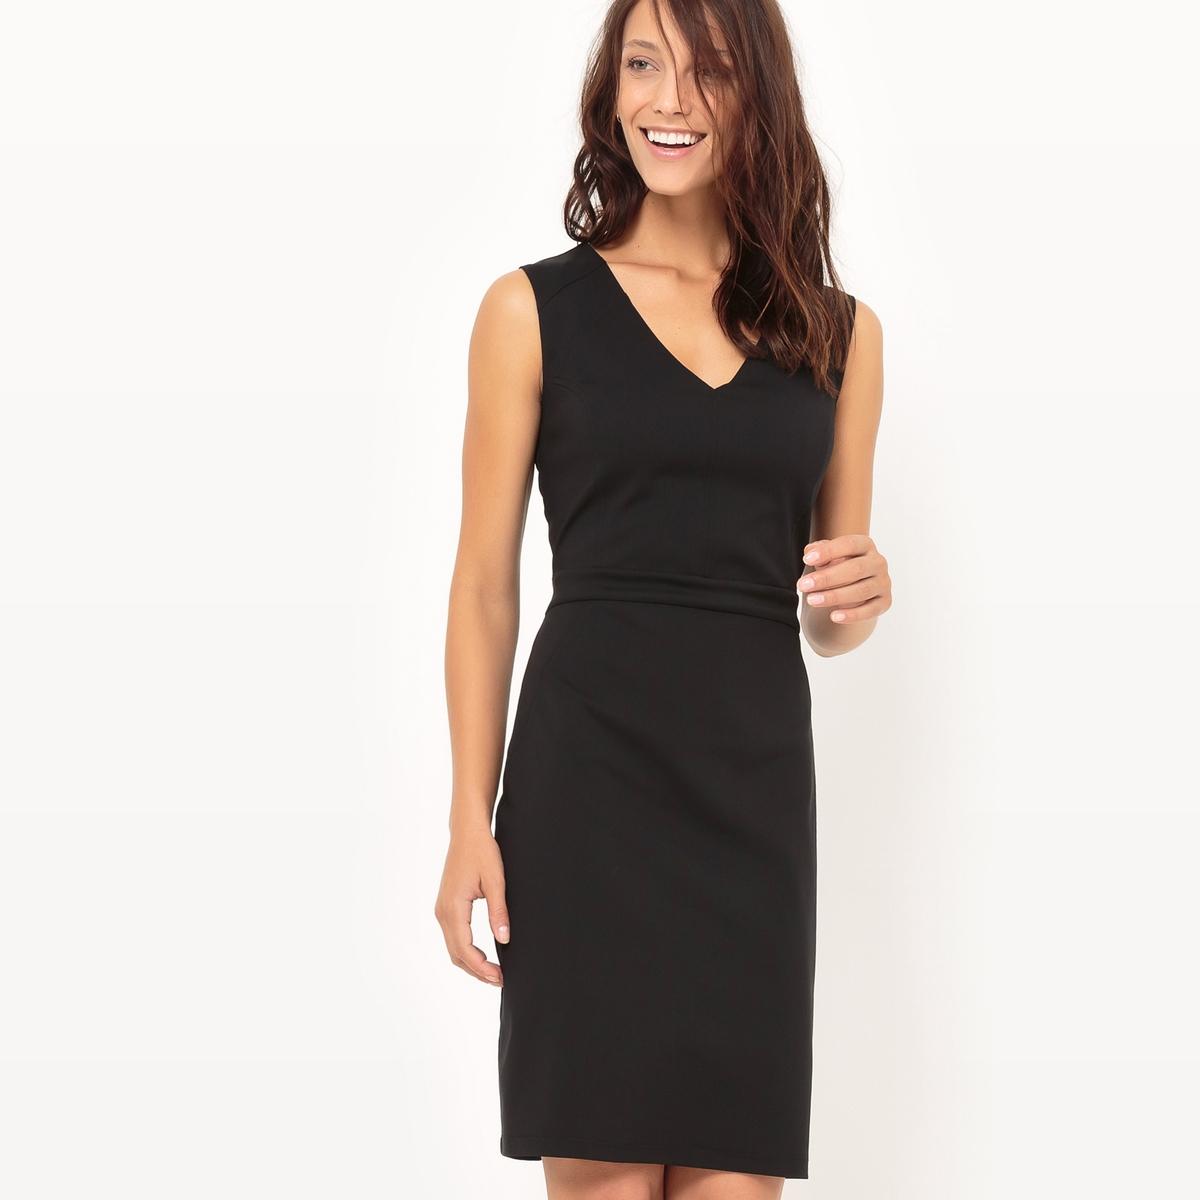 Платье приталенное с V-образным вырезомМатериал : 65% хлопка, 3% эластана, 32% полиамида            Подкладка : 100% полиэстер            Длина рукава : без рукавов             Форма воротника : V-образный вырез            Покрой платья : платье прямого покроя                 Рисунок : однотонная модель              Длина платья : 92 см            Стирка : машинная стирка при 30 °С в деликатном режиме            Уход : сухая чистка и отбеливание запрещены            Машинная сушка : барабанная сушка в умеренном режиме            Глажка : при низкой температуре<br><br>Цвет: красный,черный<br>Размер: 34 (FR) - 40 (RUS).48 (FR) - 54 (RUS).52 (FR) - 58 (RUS).46 (FR) - 52 (RUS).44 (FR) - 50 (RUS).36 (FR) - 42 (RUS).38 (FR) - 44 (RUS)